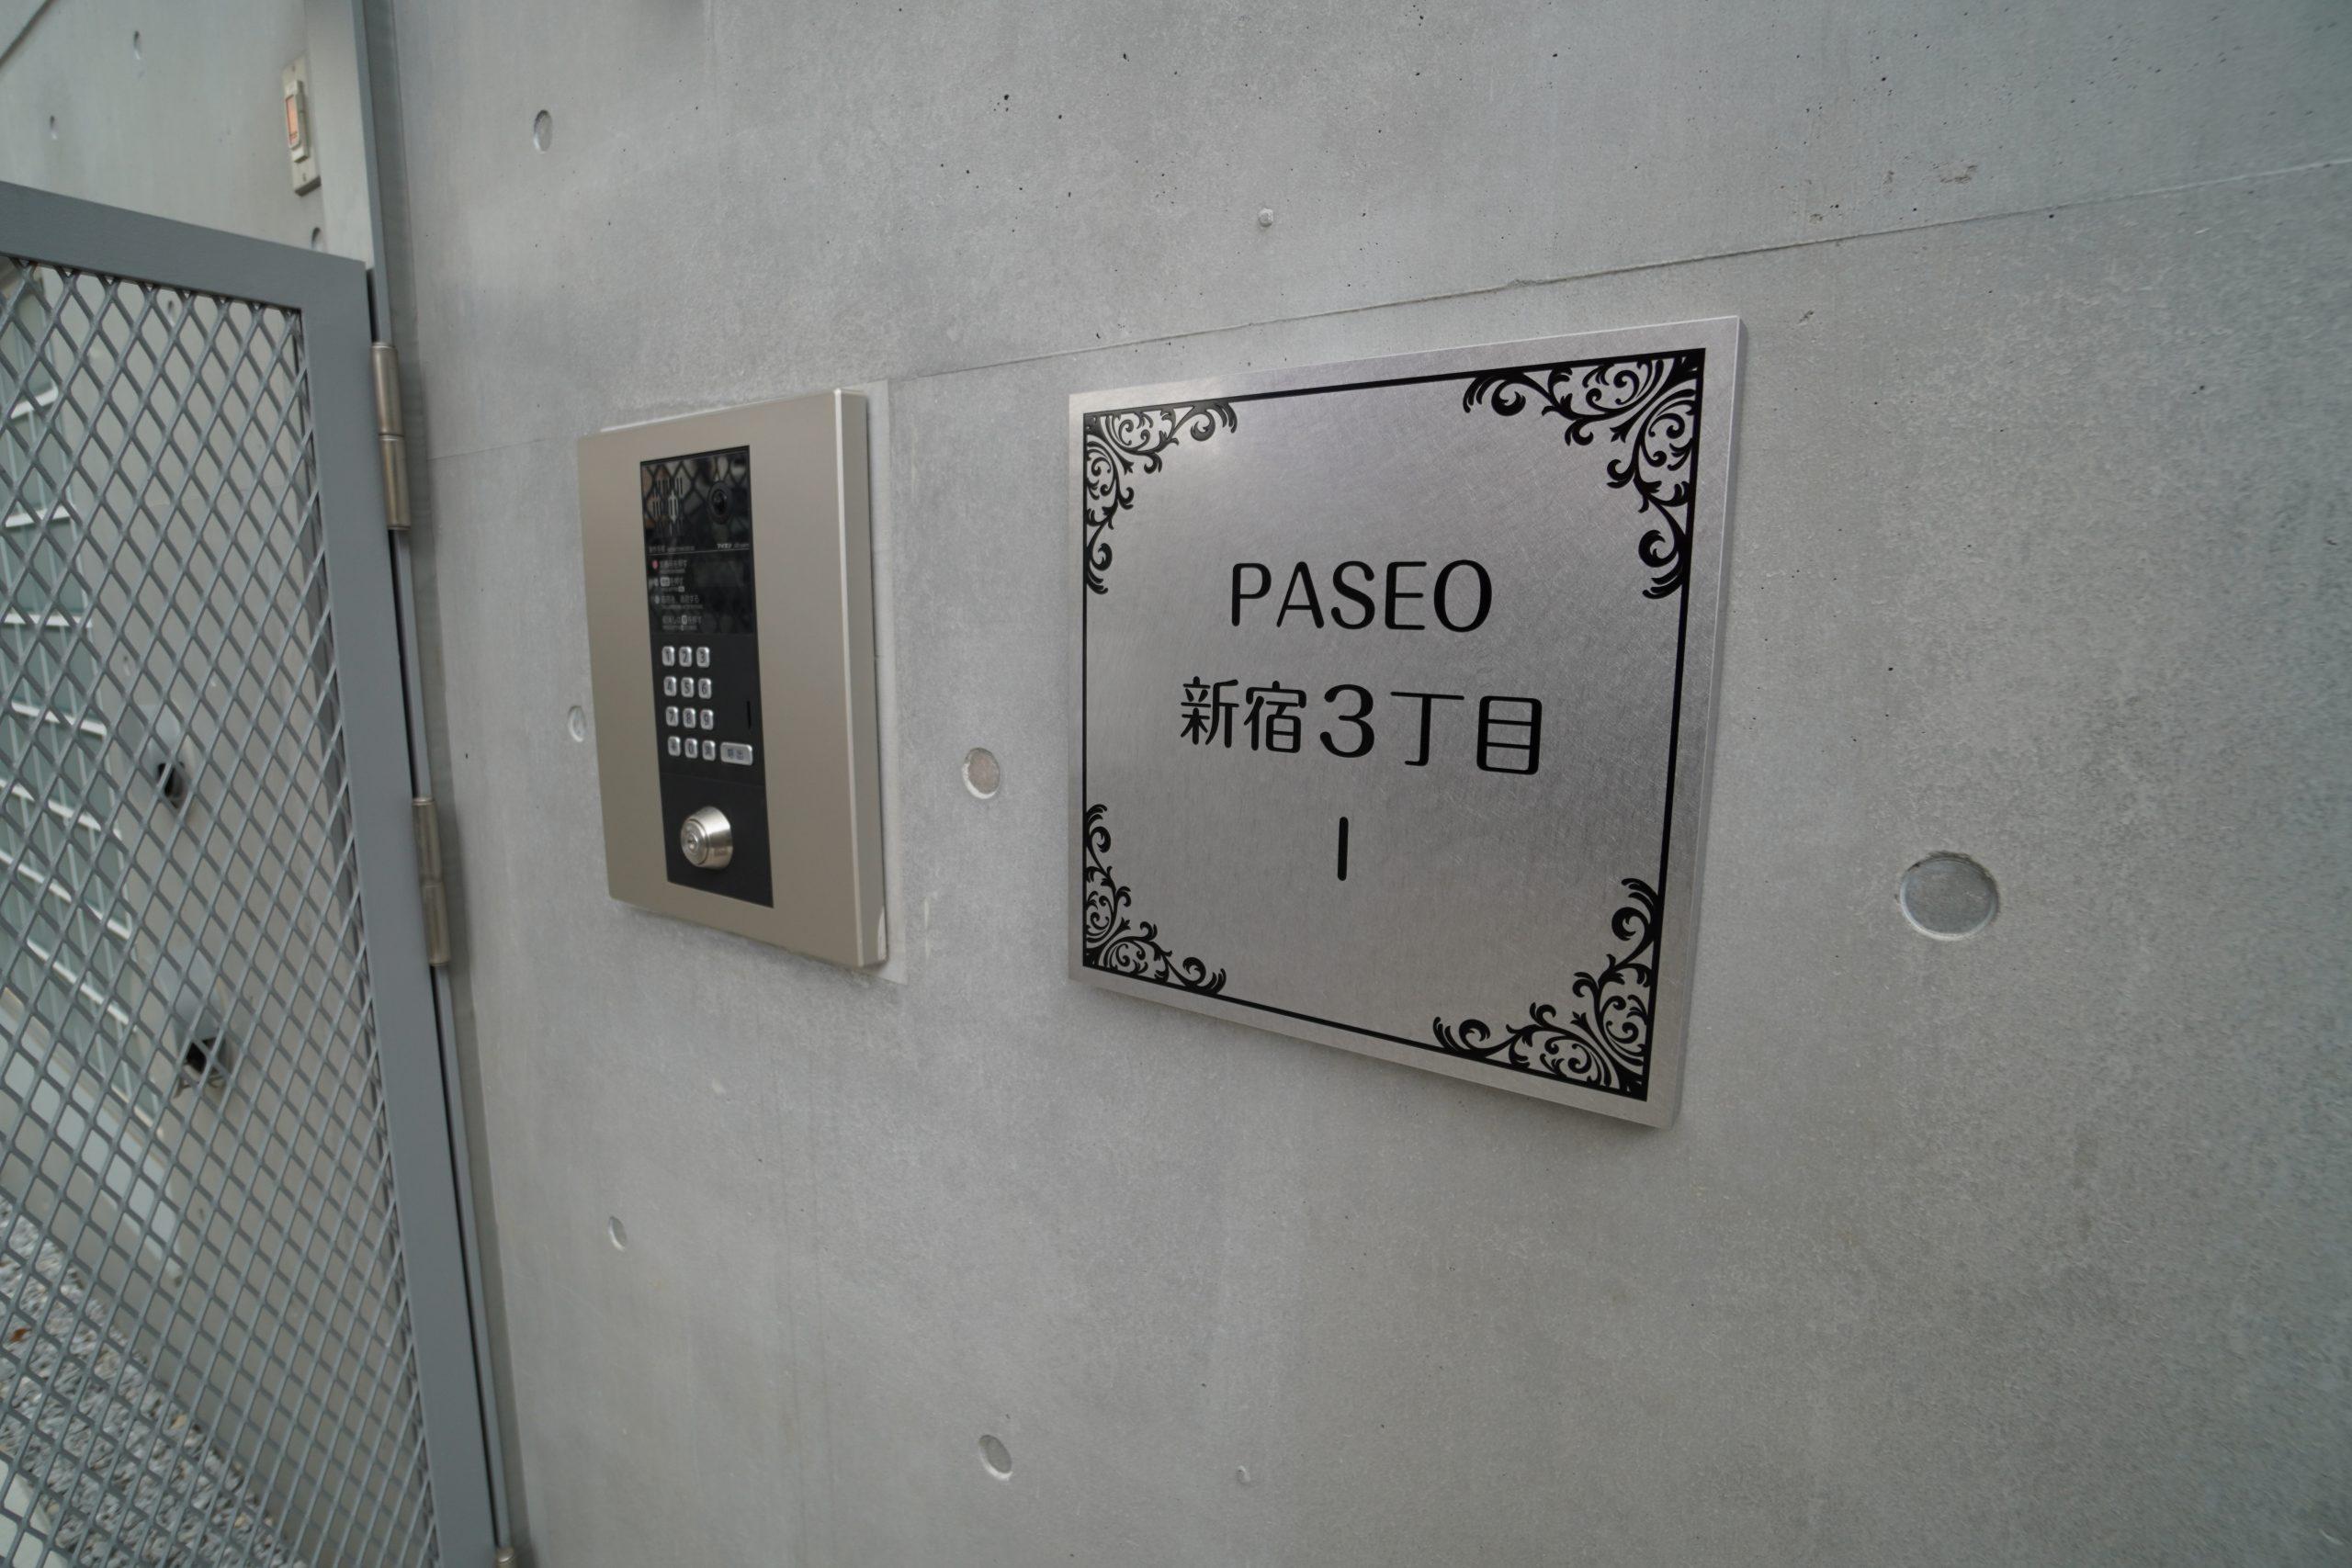 PASEO新宿三丁目Iの写真4